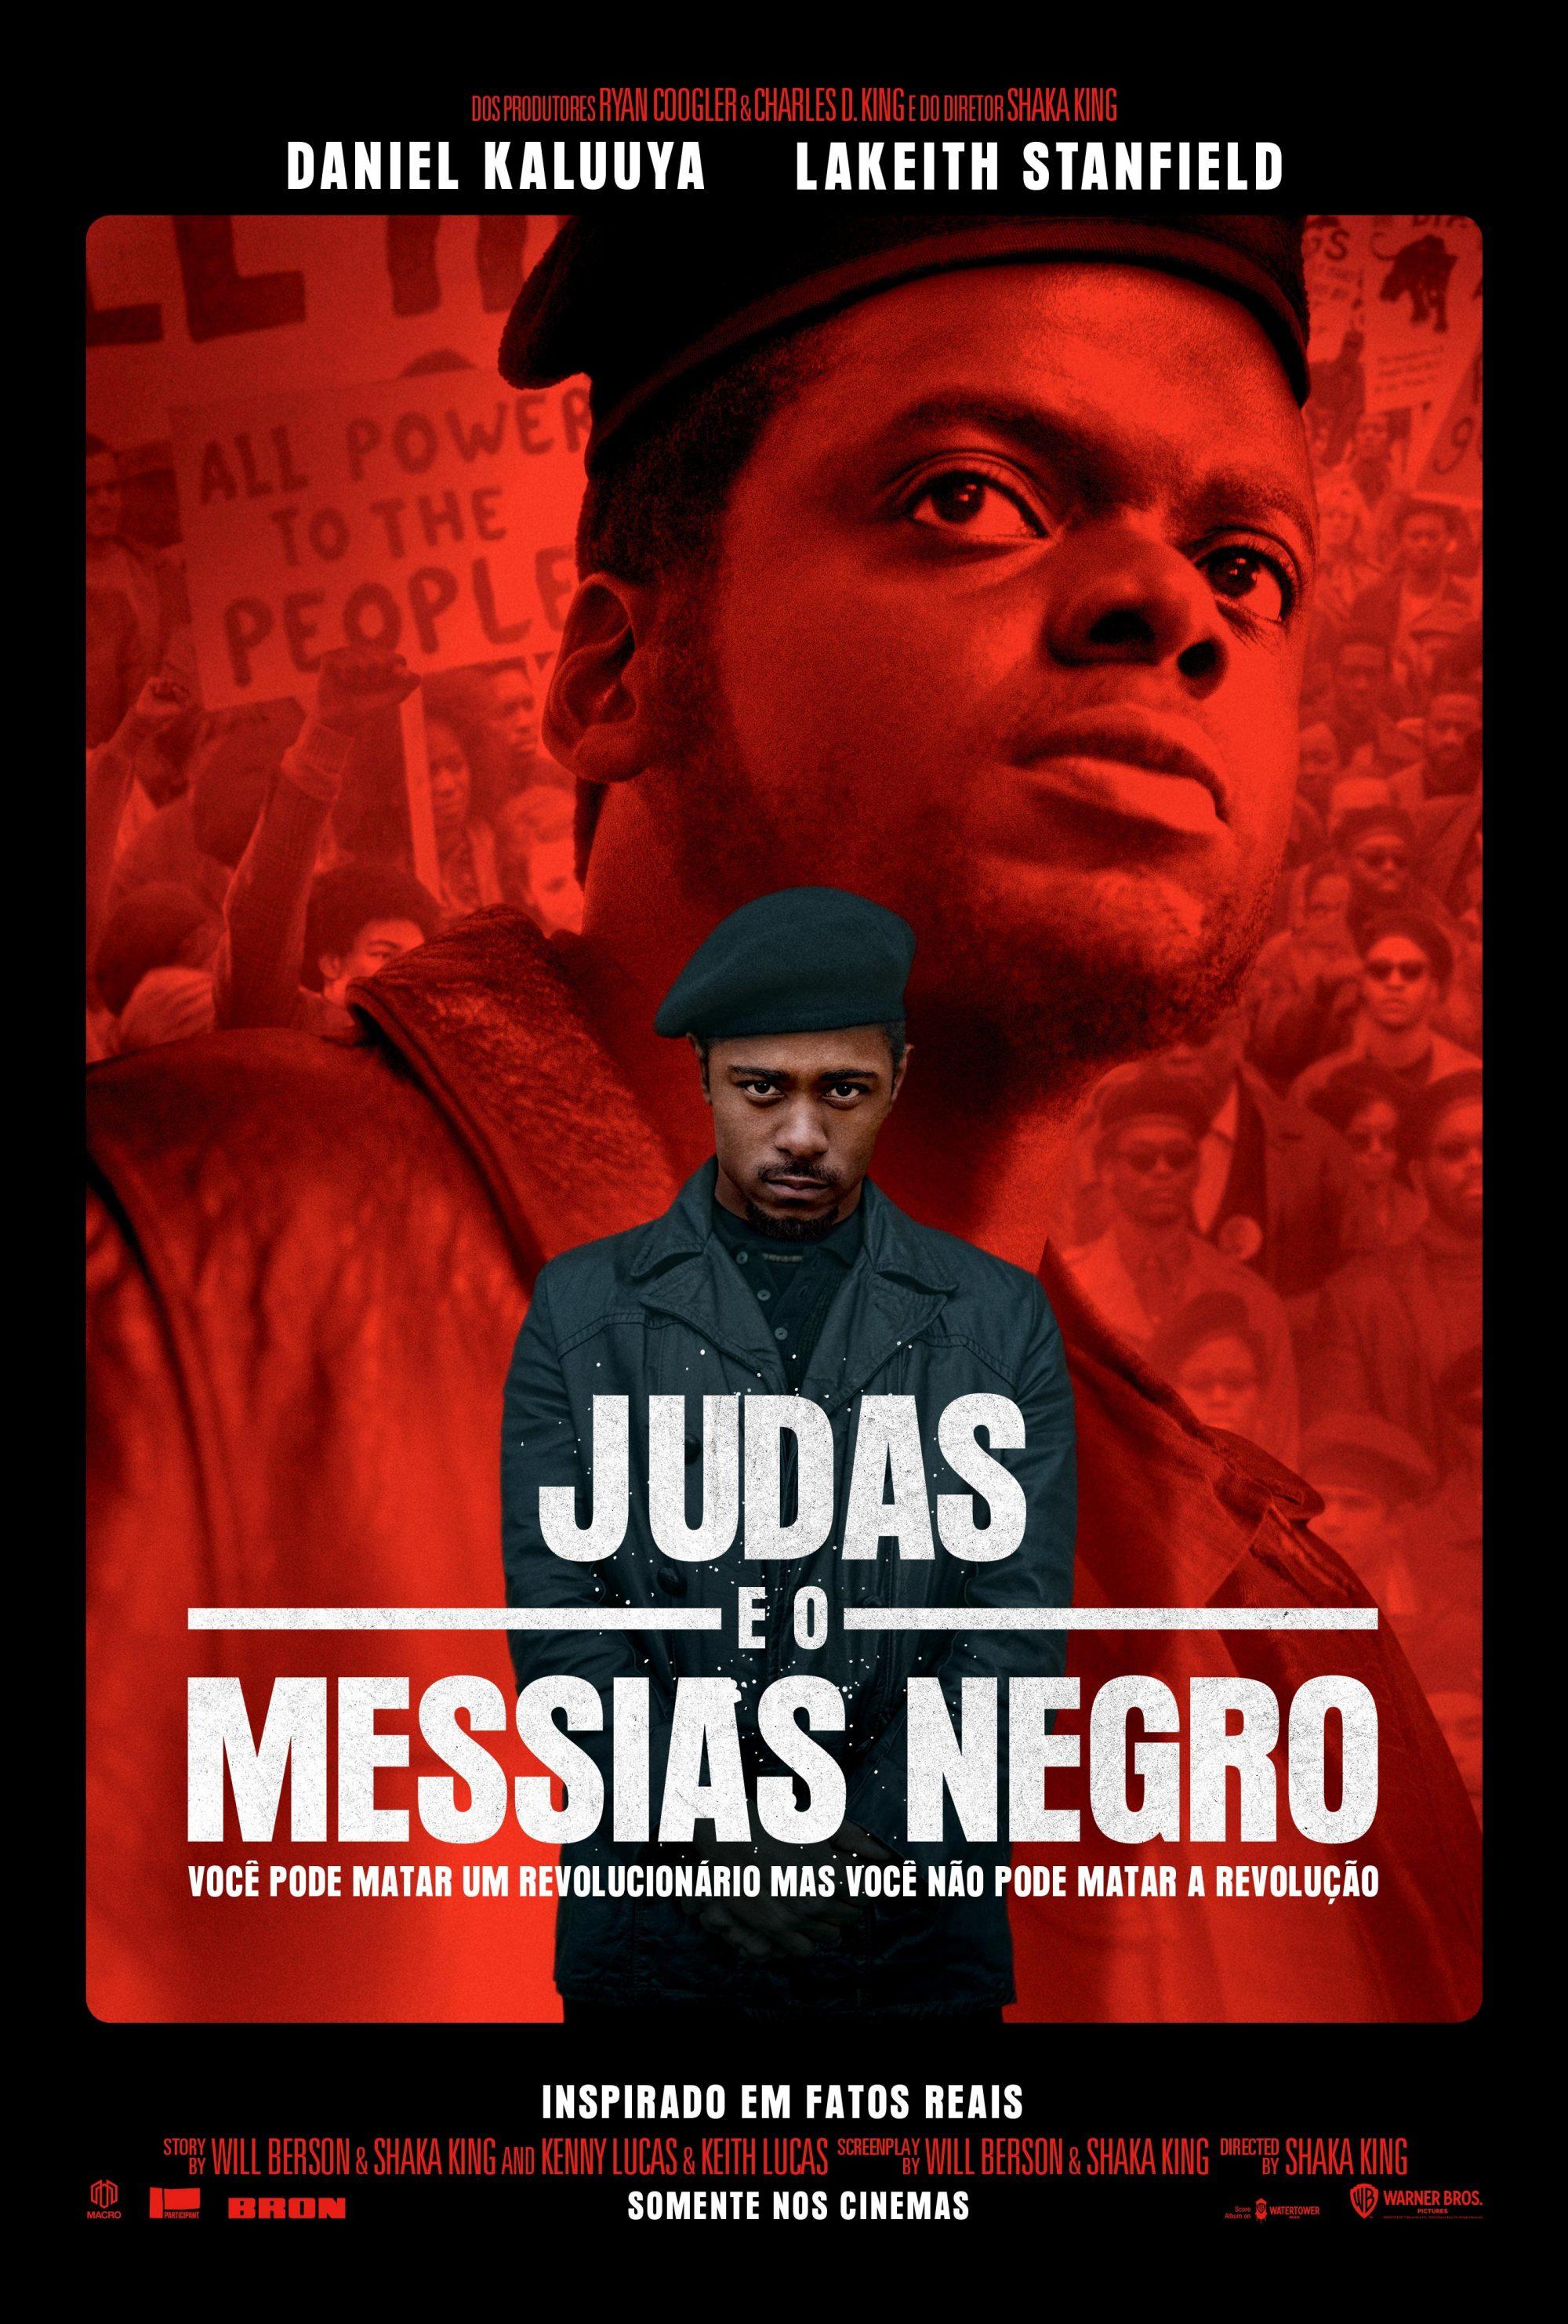 Judas e O Messias Negro ganha data de estreia nos cinemas brasileiros